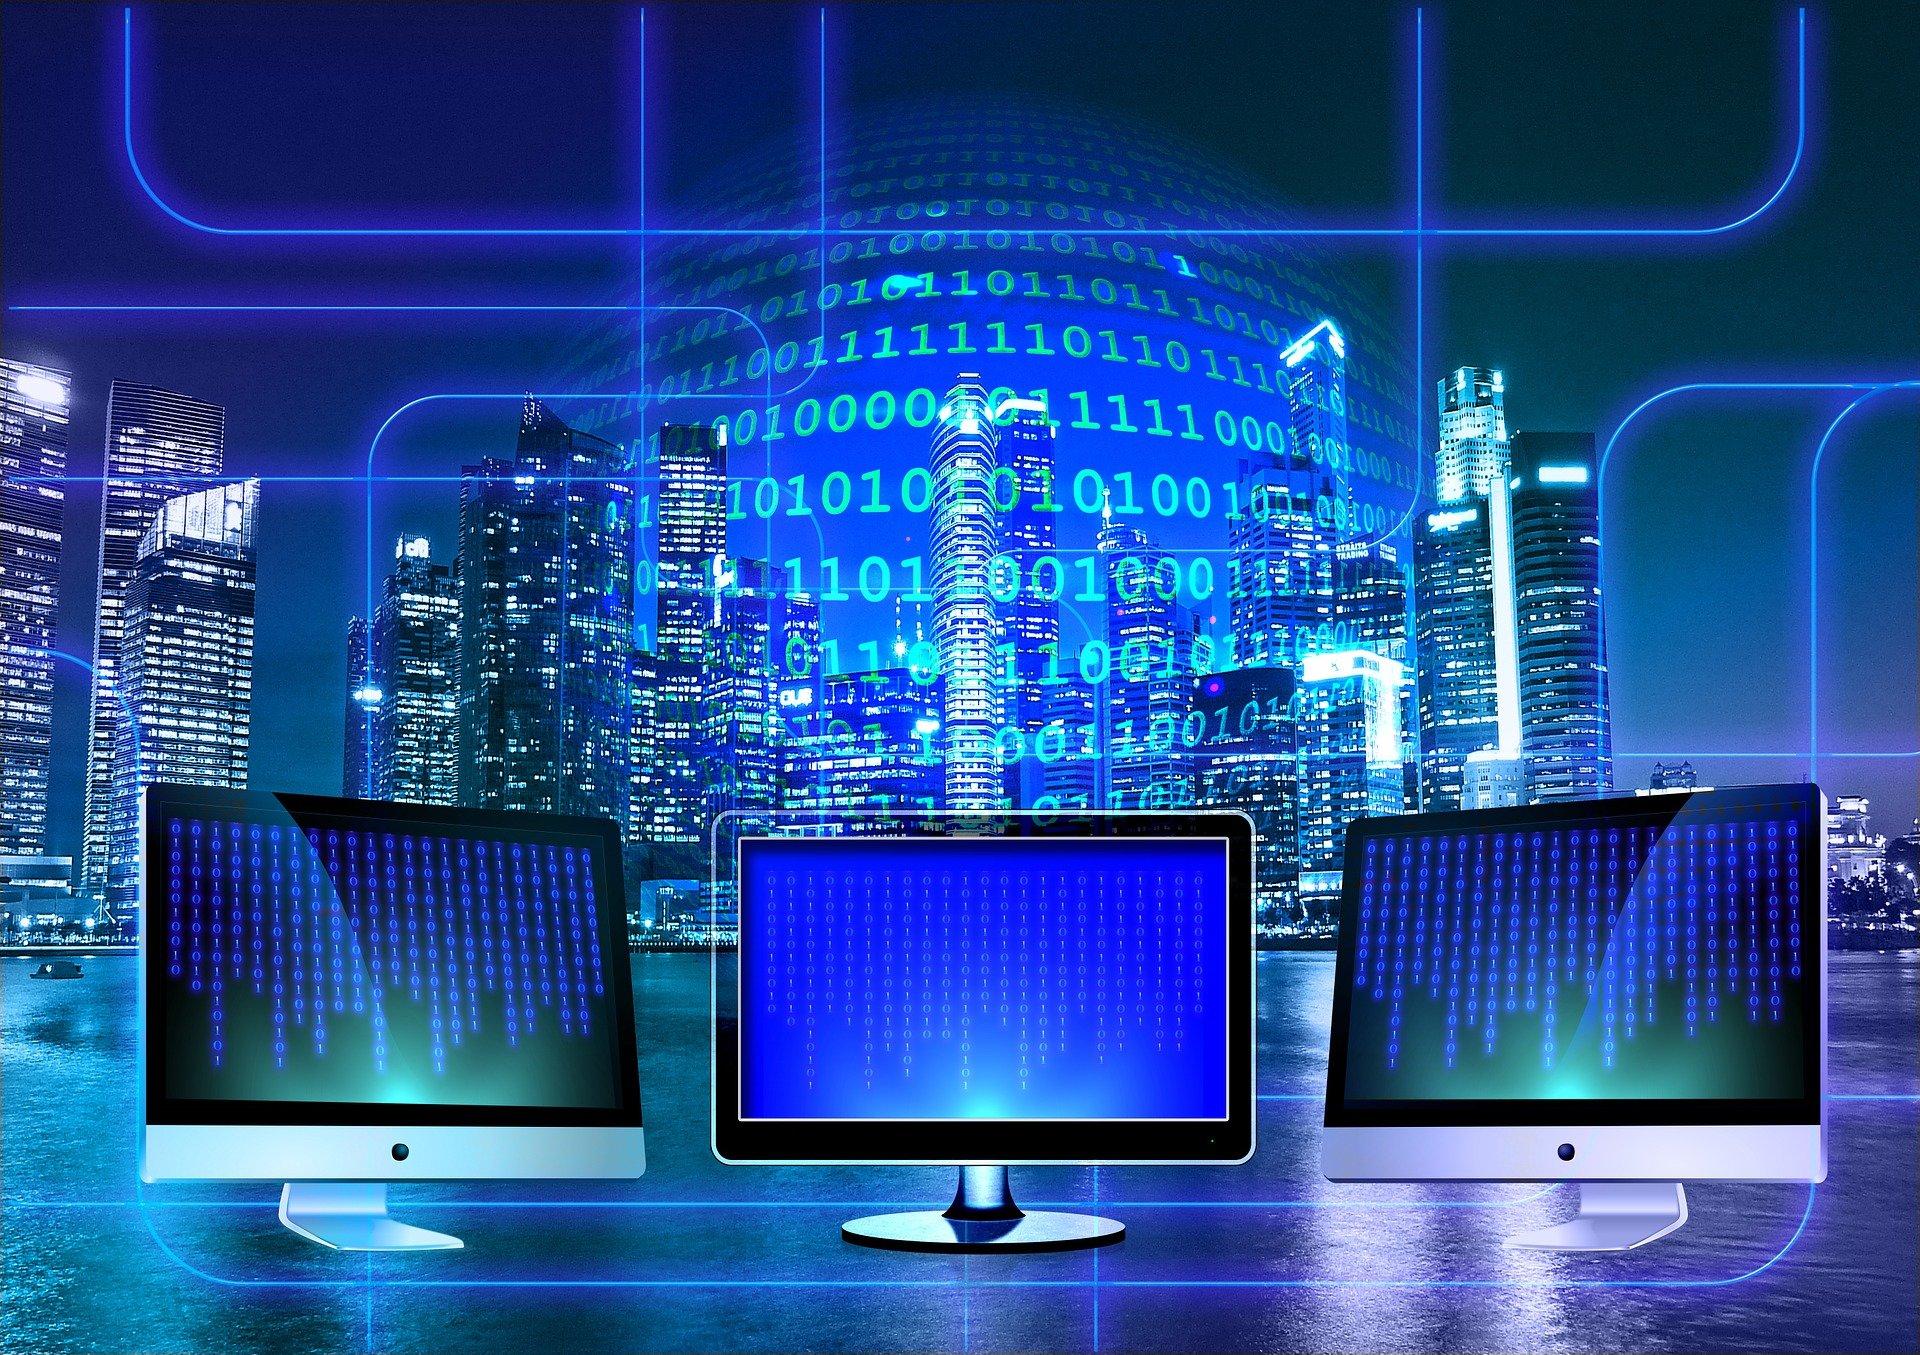 Platform digitaal oprichten BV is klaar, wetgeving blijft nog achter - Mr. online